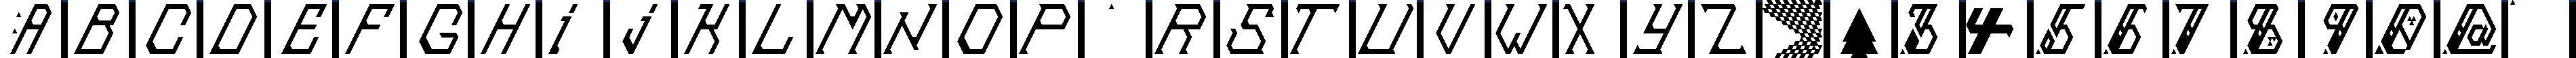 Particip-a-type v.316